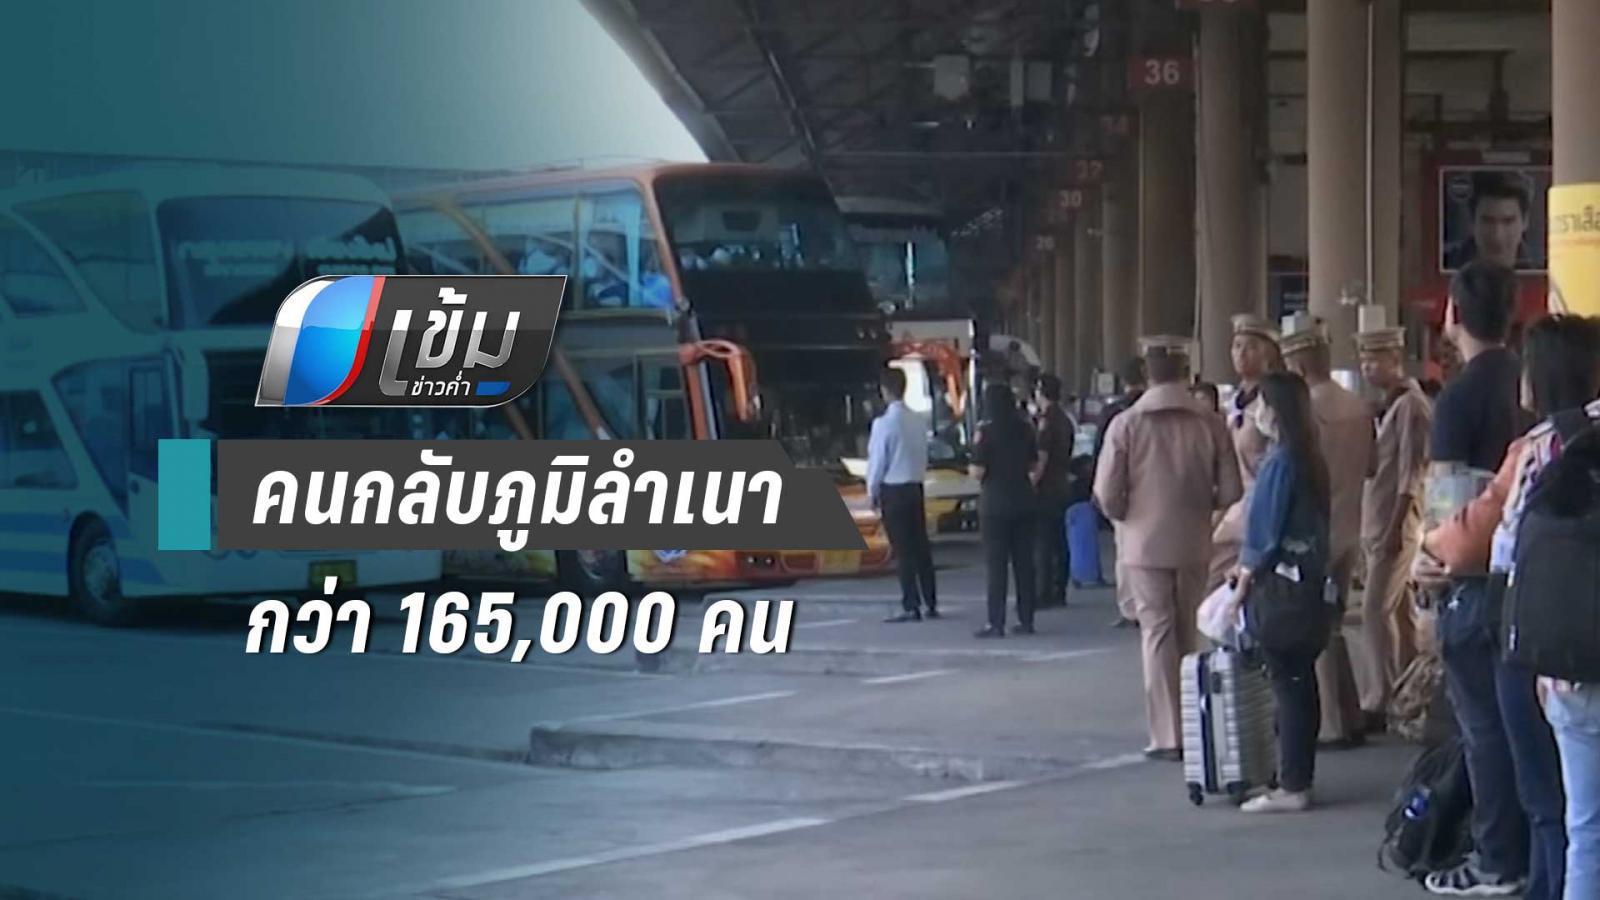 บขส.คาดวันนี้คนเดินทางกลับภูมิลำเนากว่า 165,000 คน